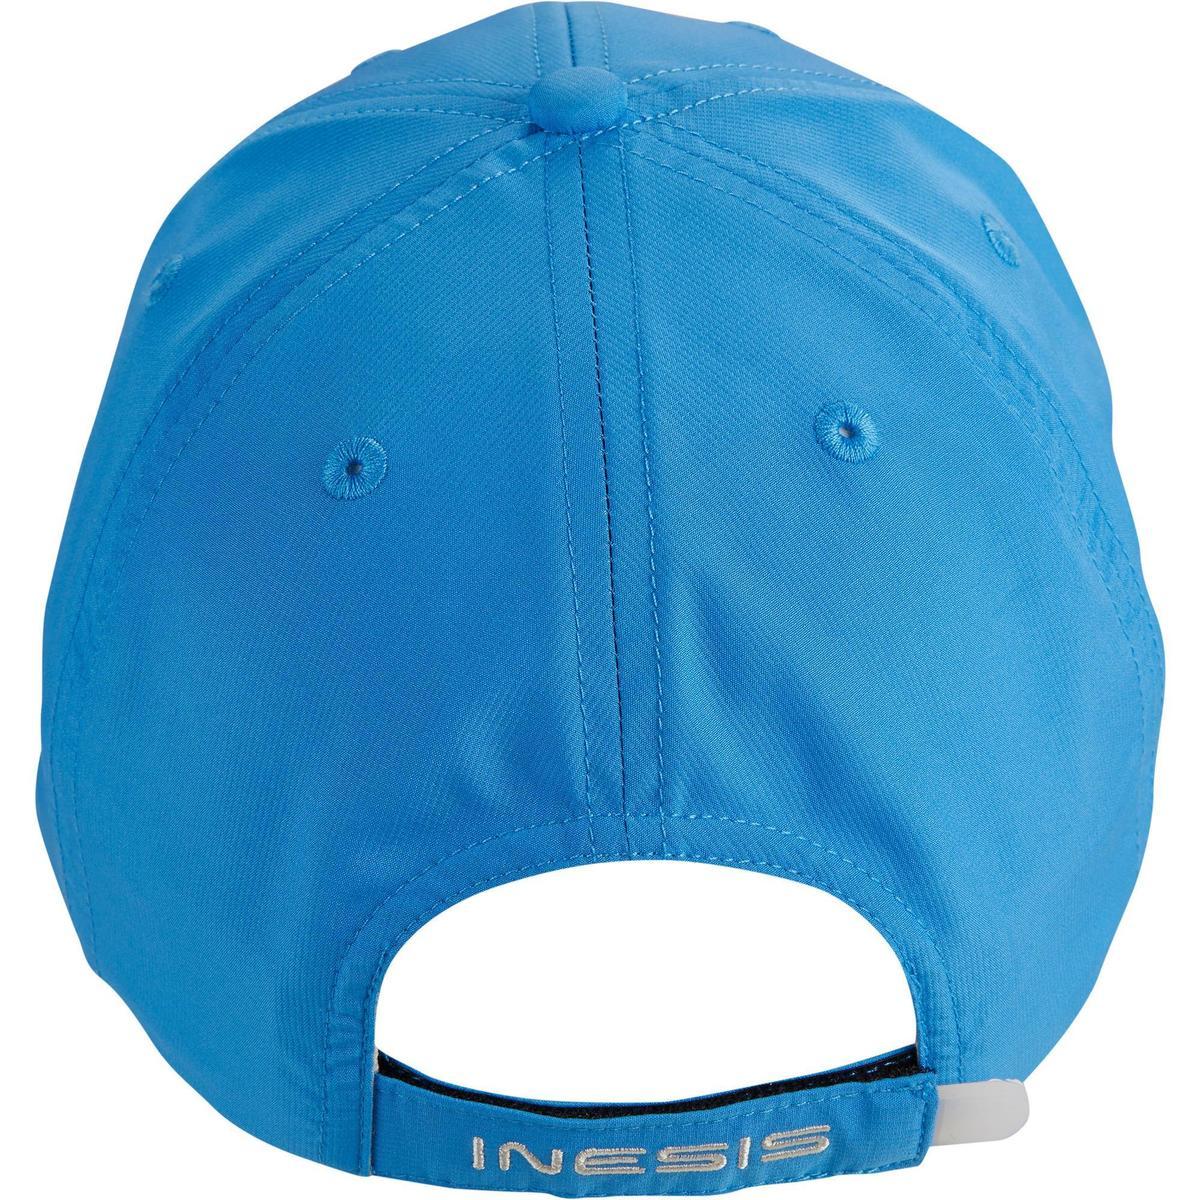 Bild 4 von Golf Cap Erwachsene blau